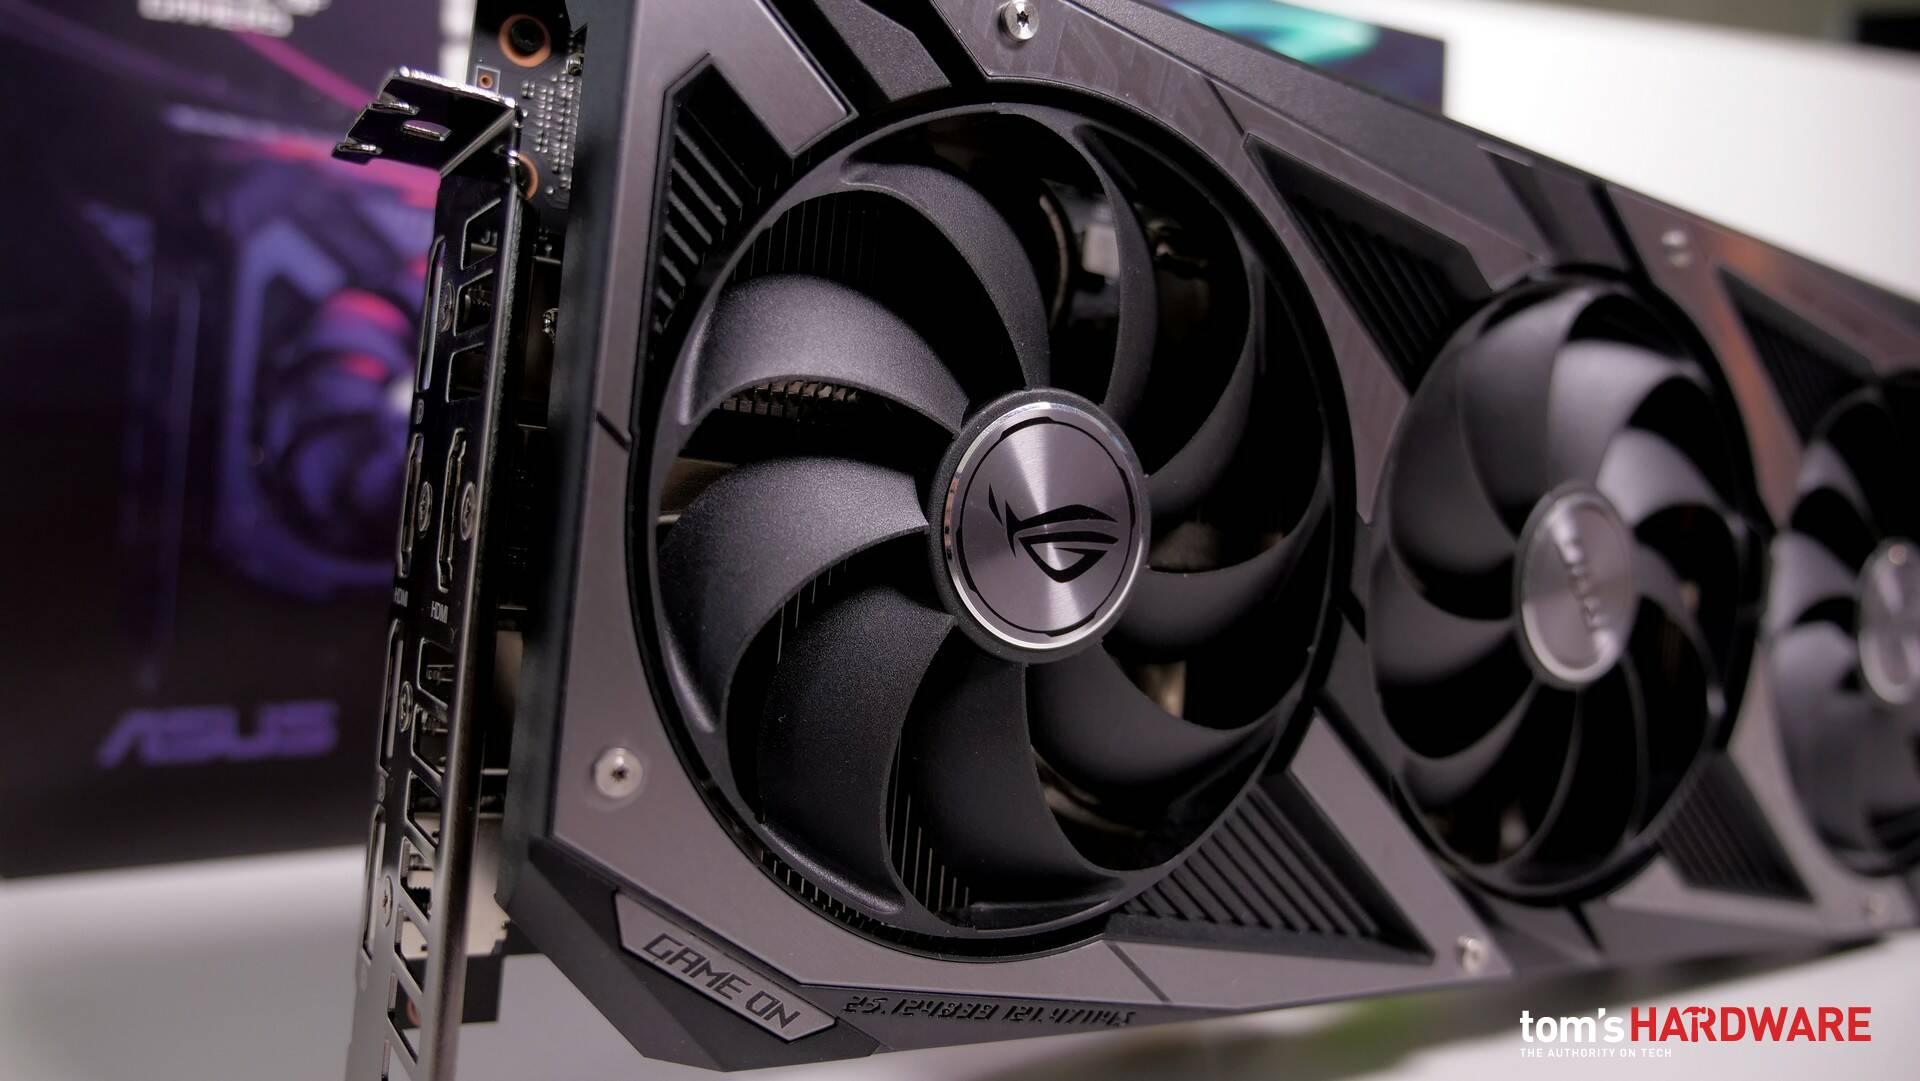 Asus RTX 3060 ROG Strix Gaming